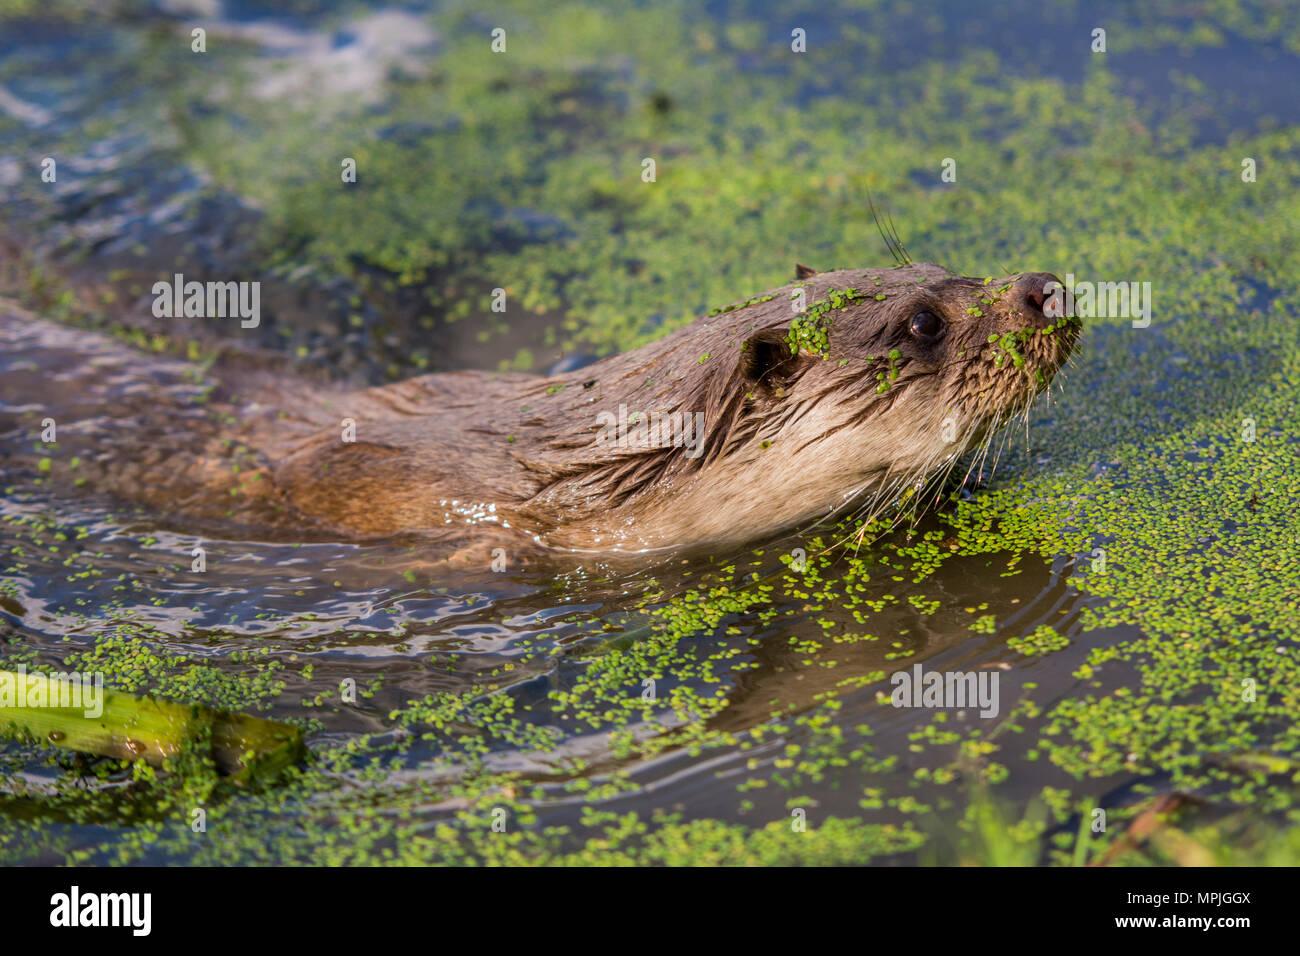 Otter swimming gegenüber der Bank durch Algen Stockfoto